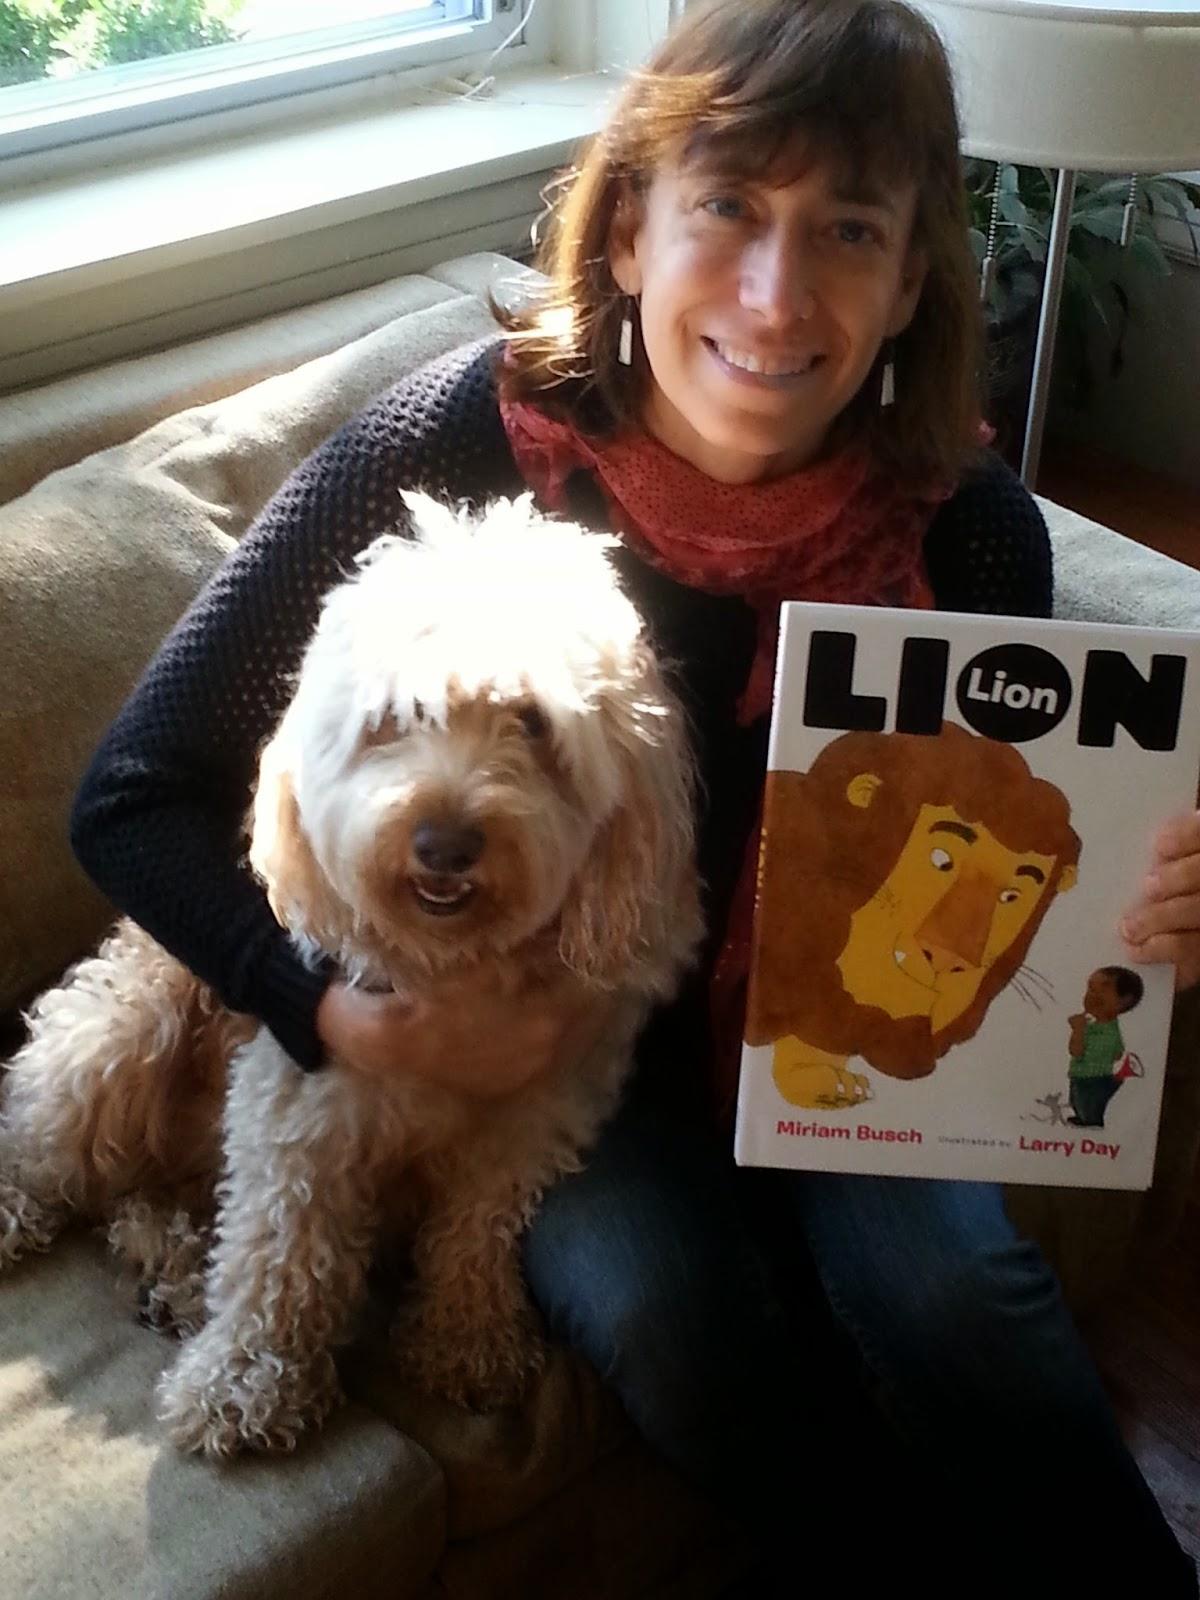 New Voice: Miriam Busch on Lion, Lion